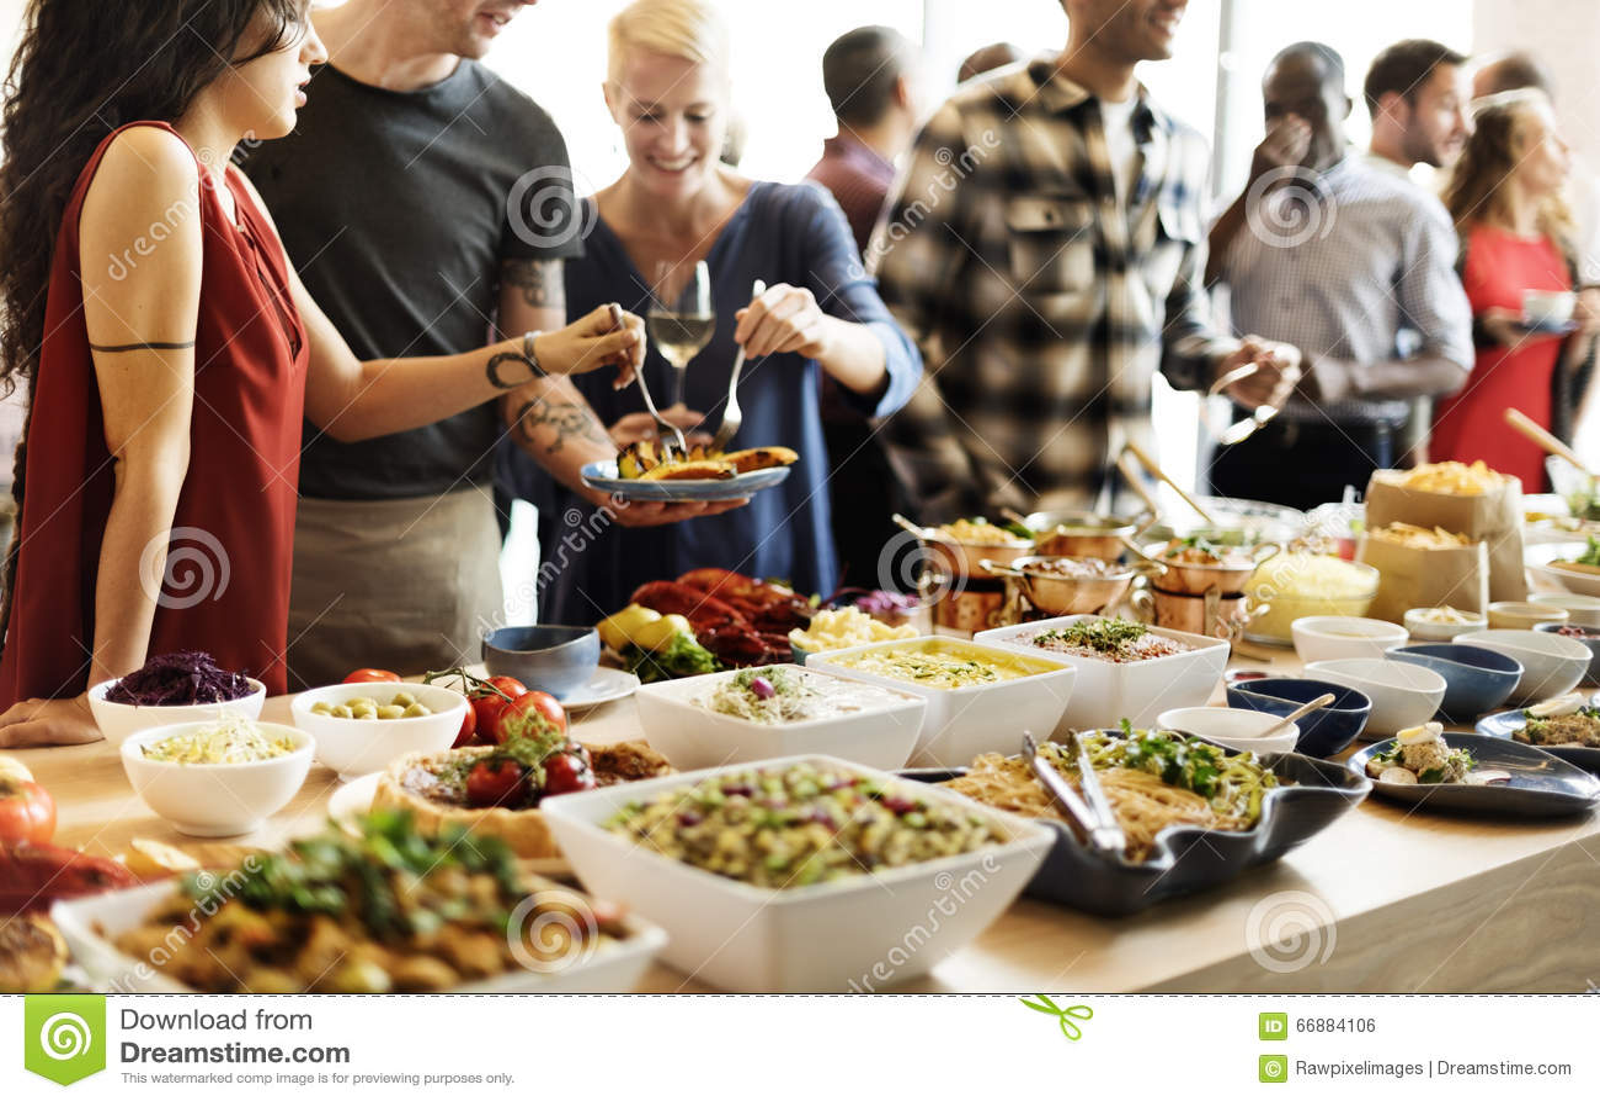 Концепция еды ресторанного обслуживании ресторана обедающего шведского стола